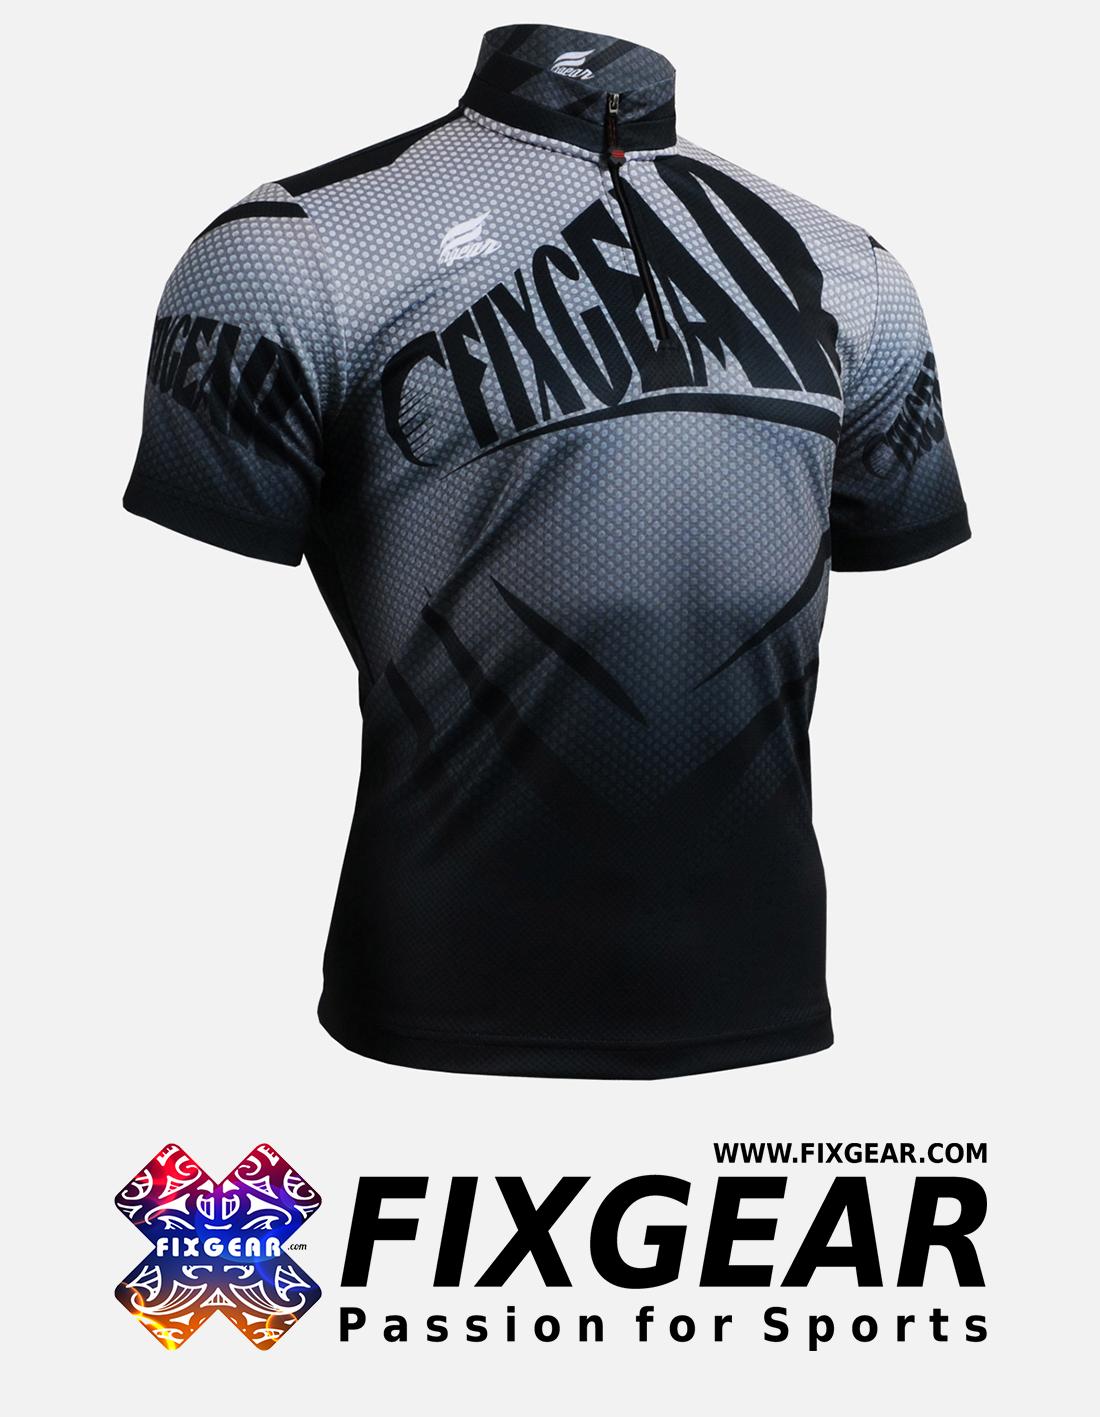 FIXGEAR BM-5702 Casual Men's short sleeve jersey 1/4 zip-up T-Shirt